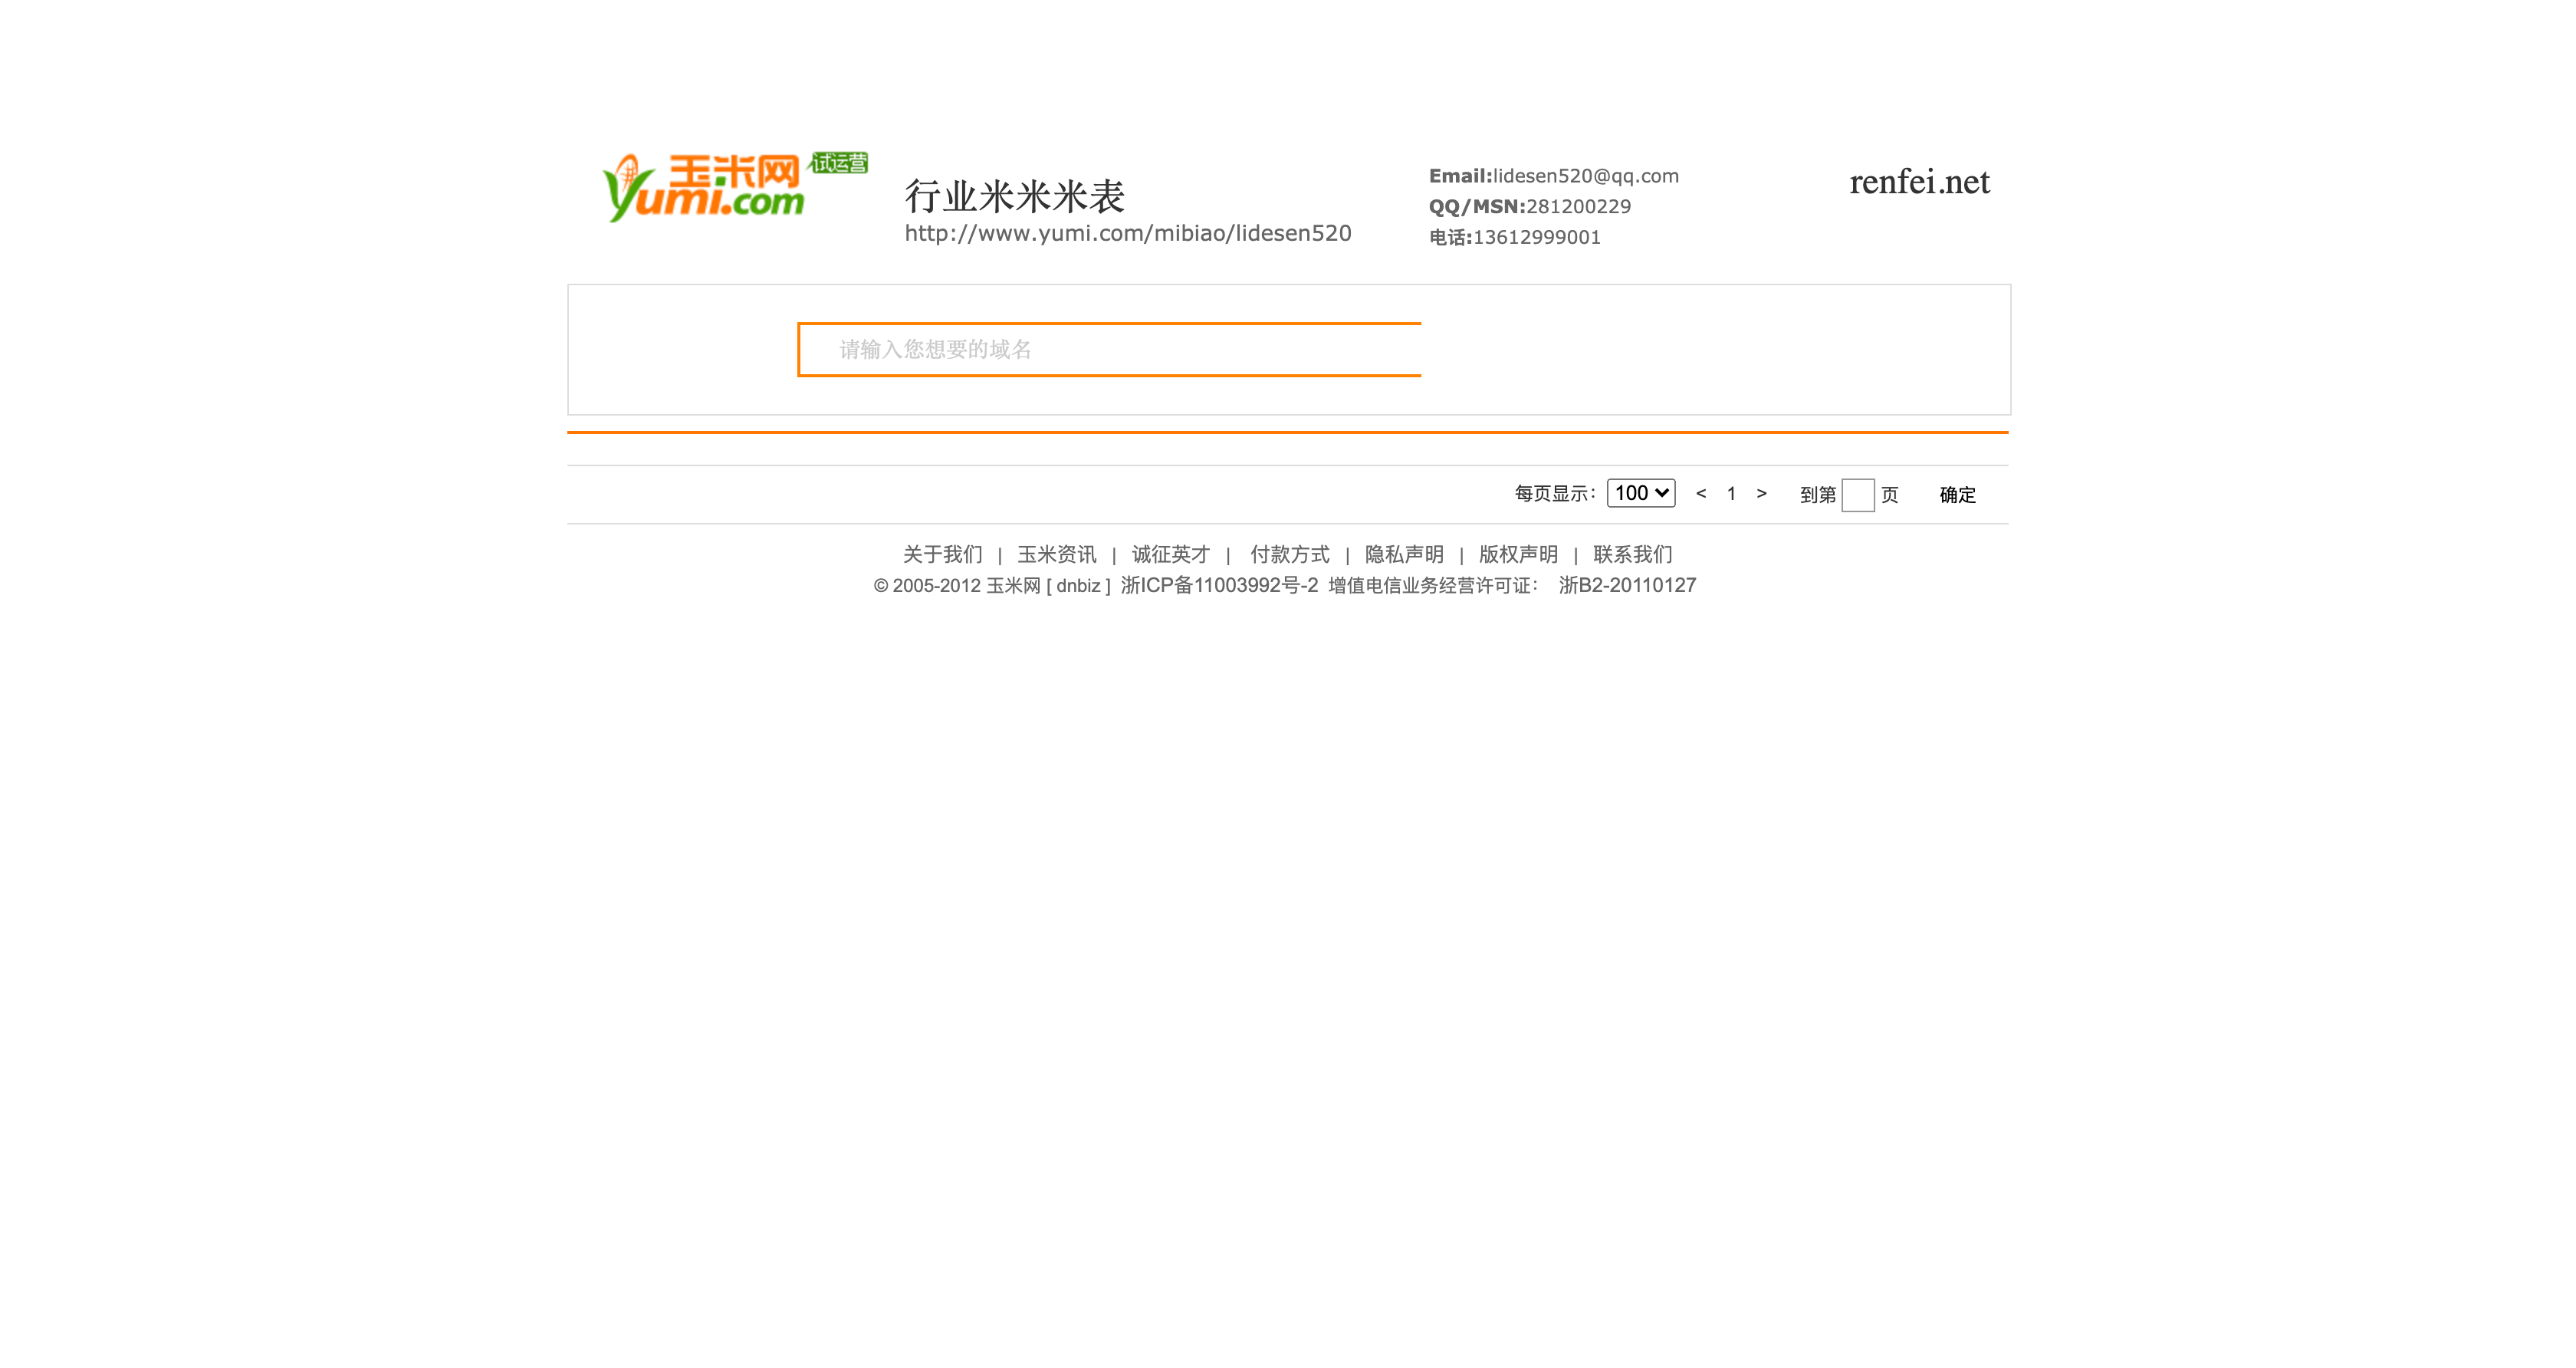 renfei.net在2013年的首页